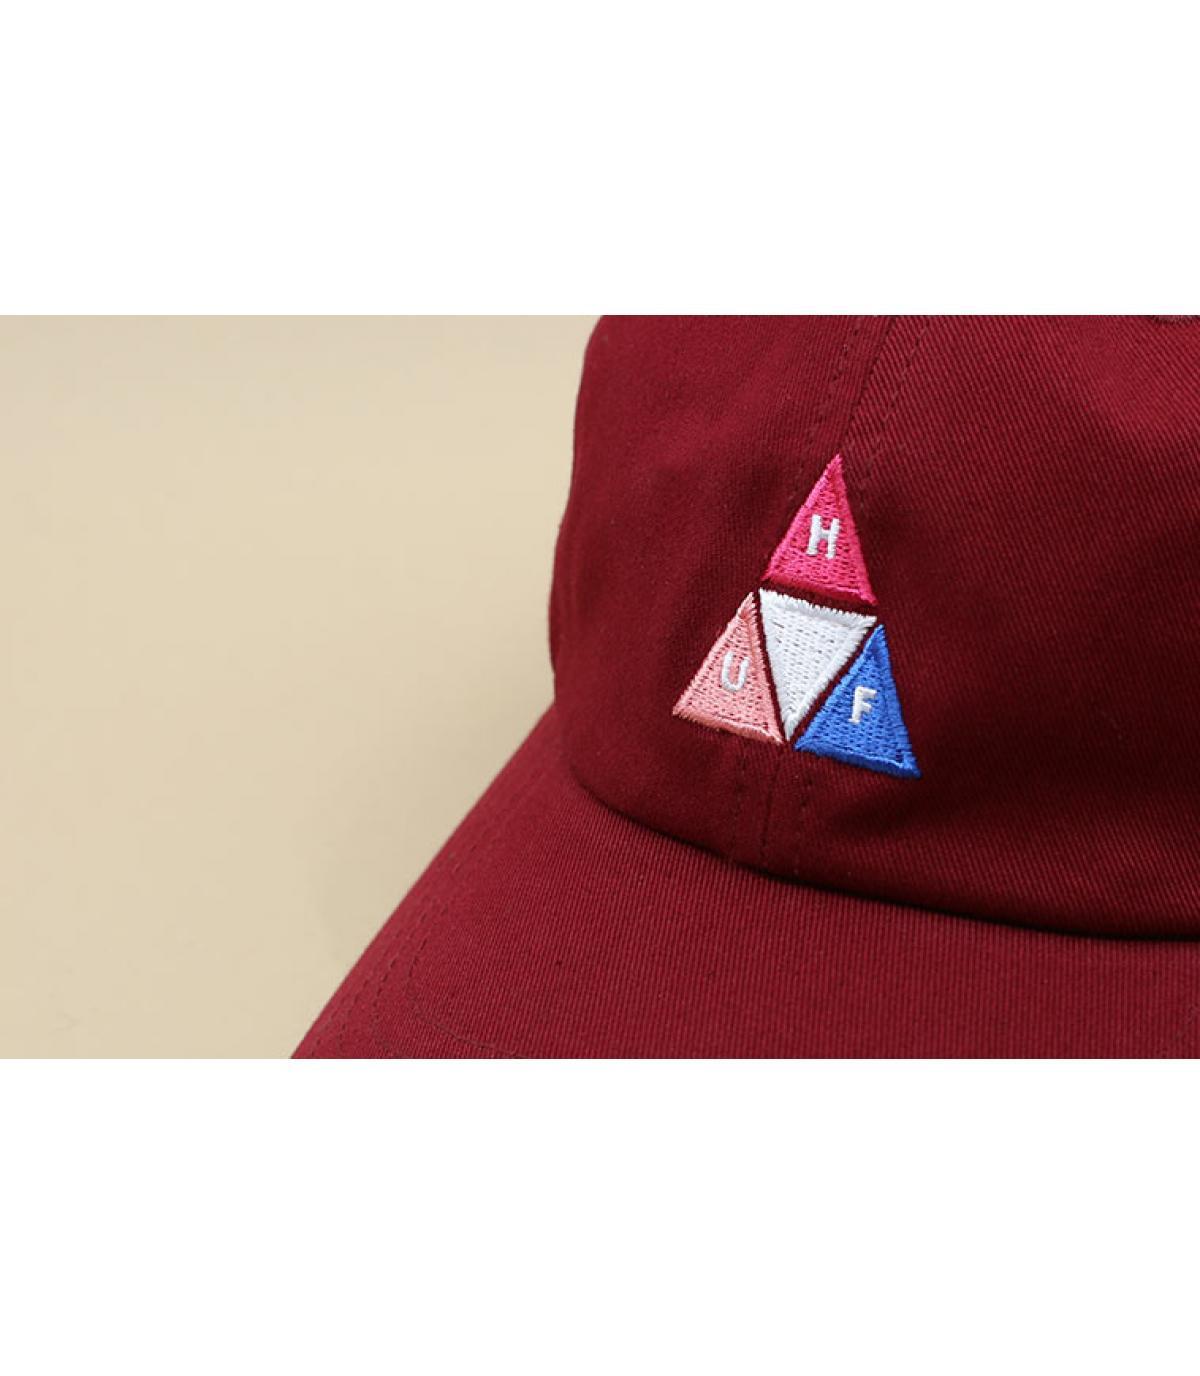 Details Peak Logo red pear - afbeeling 3